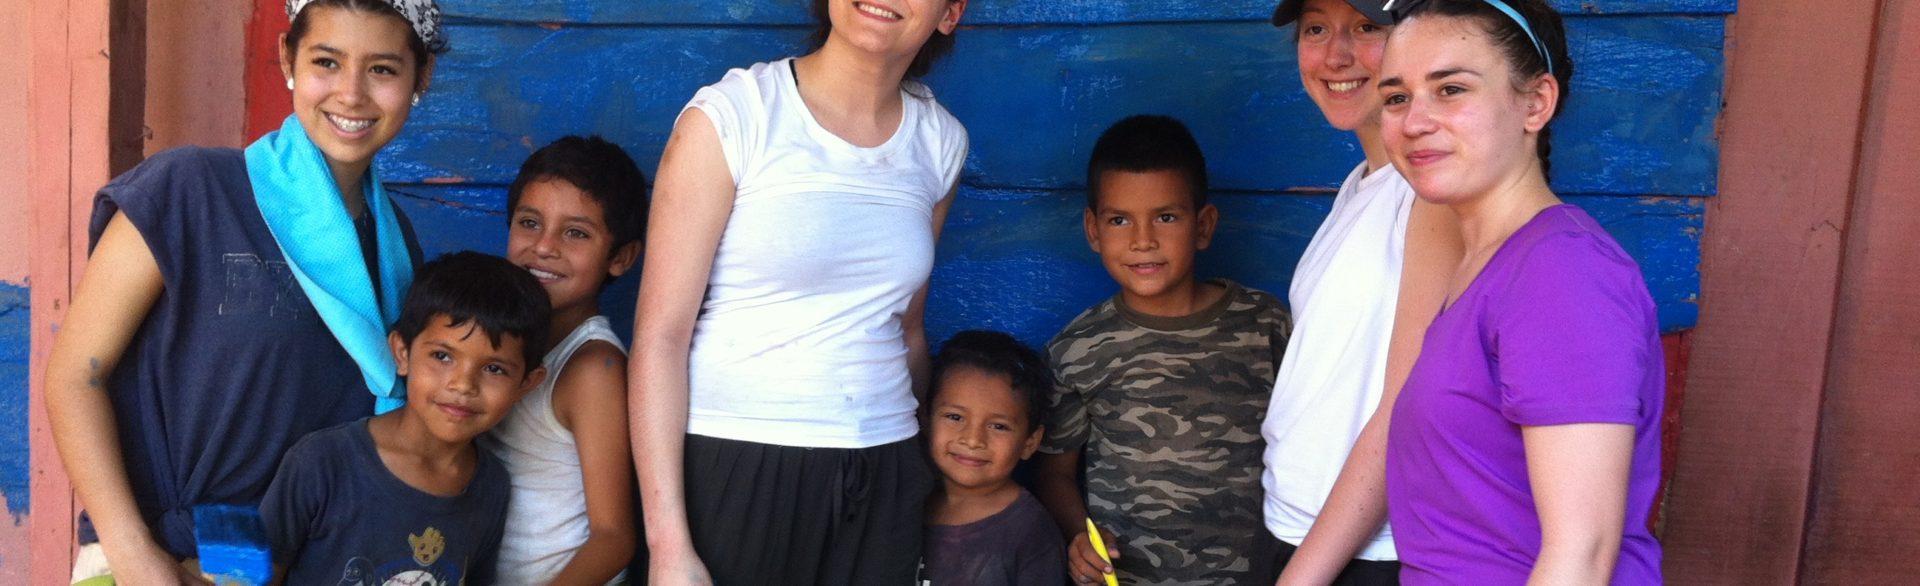 Expérience de groupe au Nicaragua!